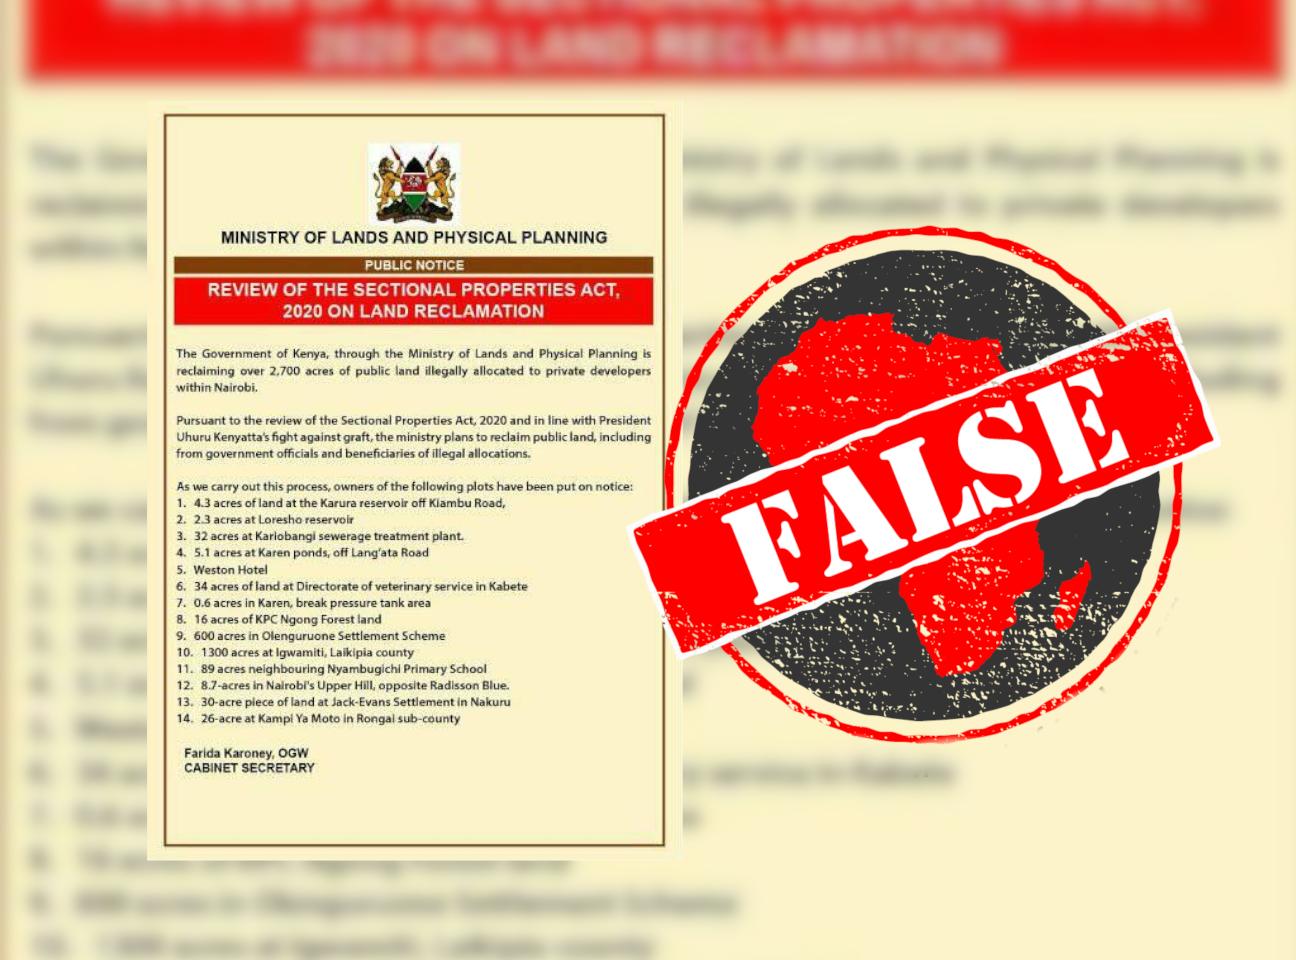 publicnotice_false